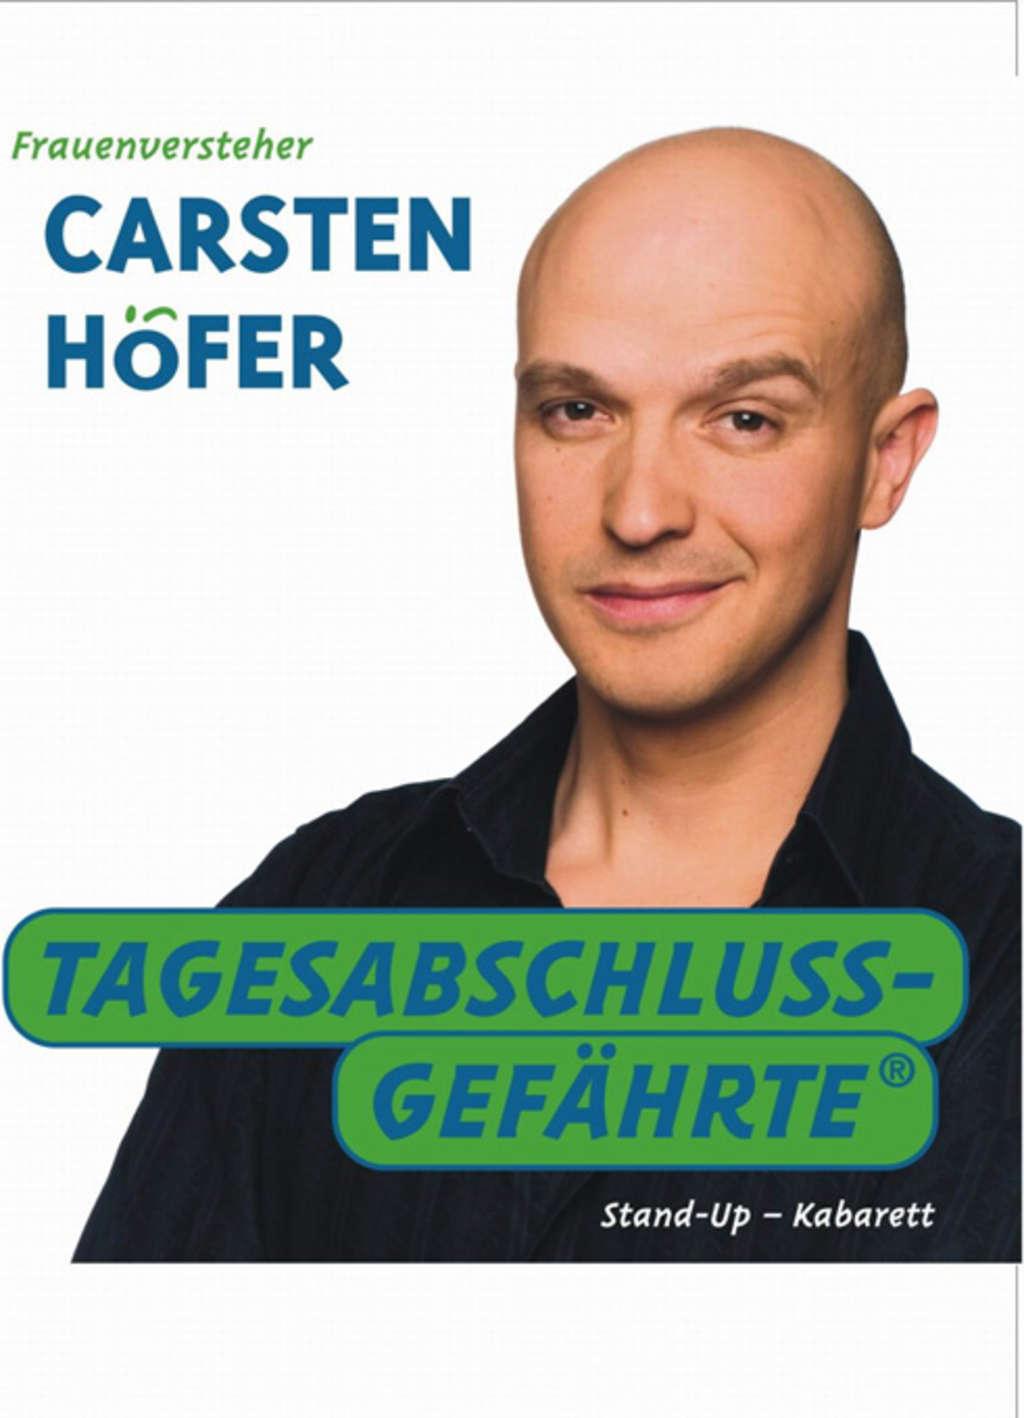 Plakat mit &quot;Frauenversteher <b>Carsten Höfer</b> - Tagesabschlussgefährte ... - bilder-veranstaltungen-buergerhaus_stollwerk-tagesabschlussgefaehrte_1024